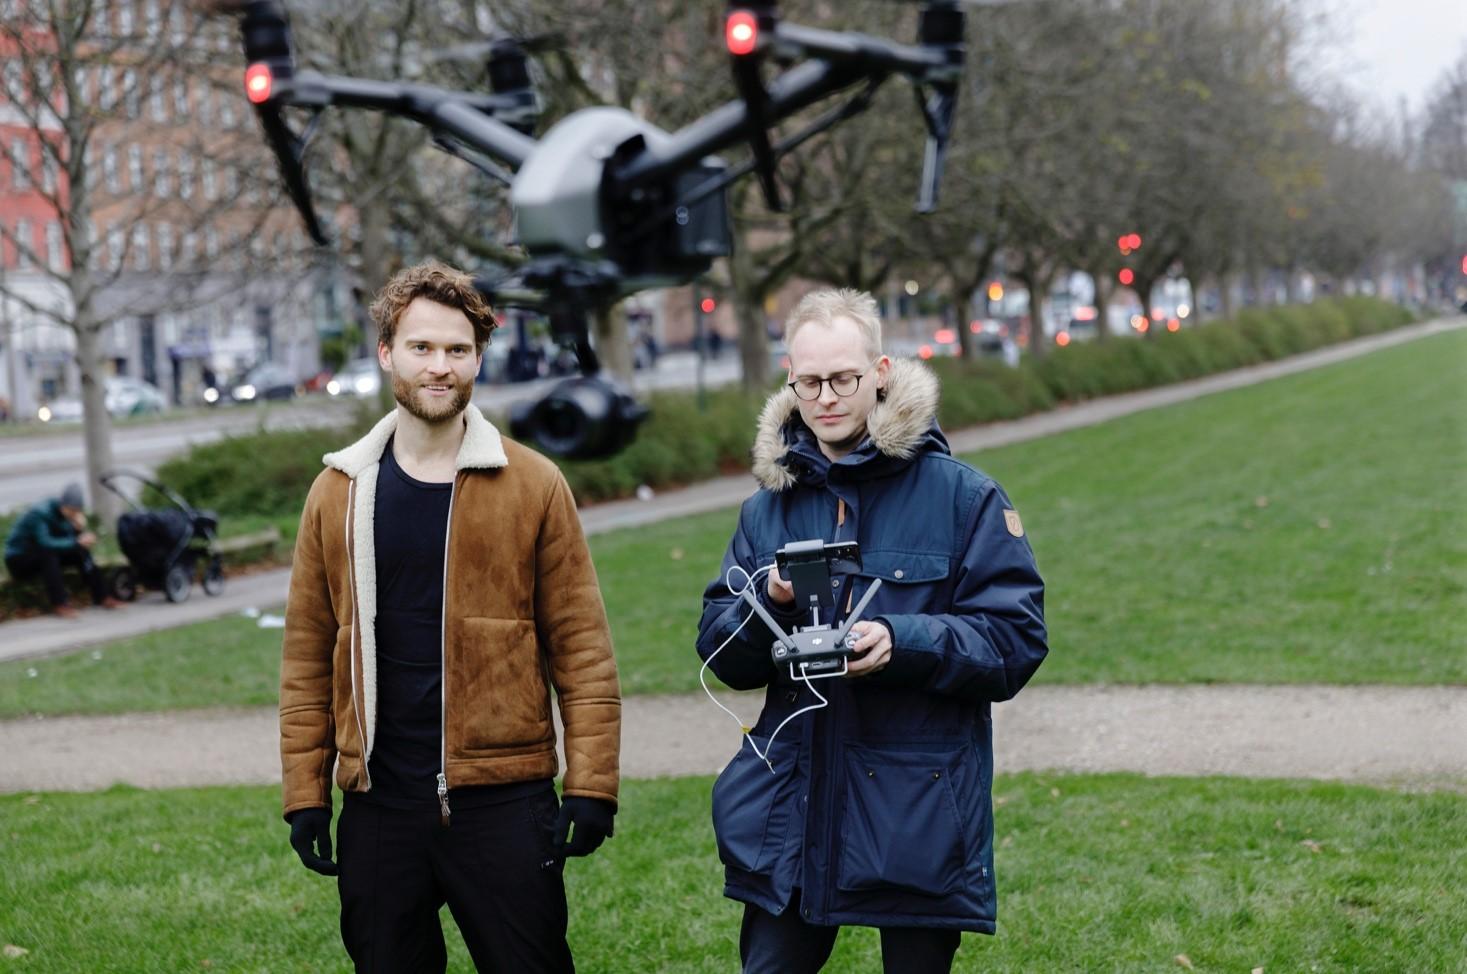 Toke og Frederik solgte droner til terrormistænkt for at hjælpe PET